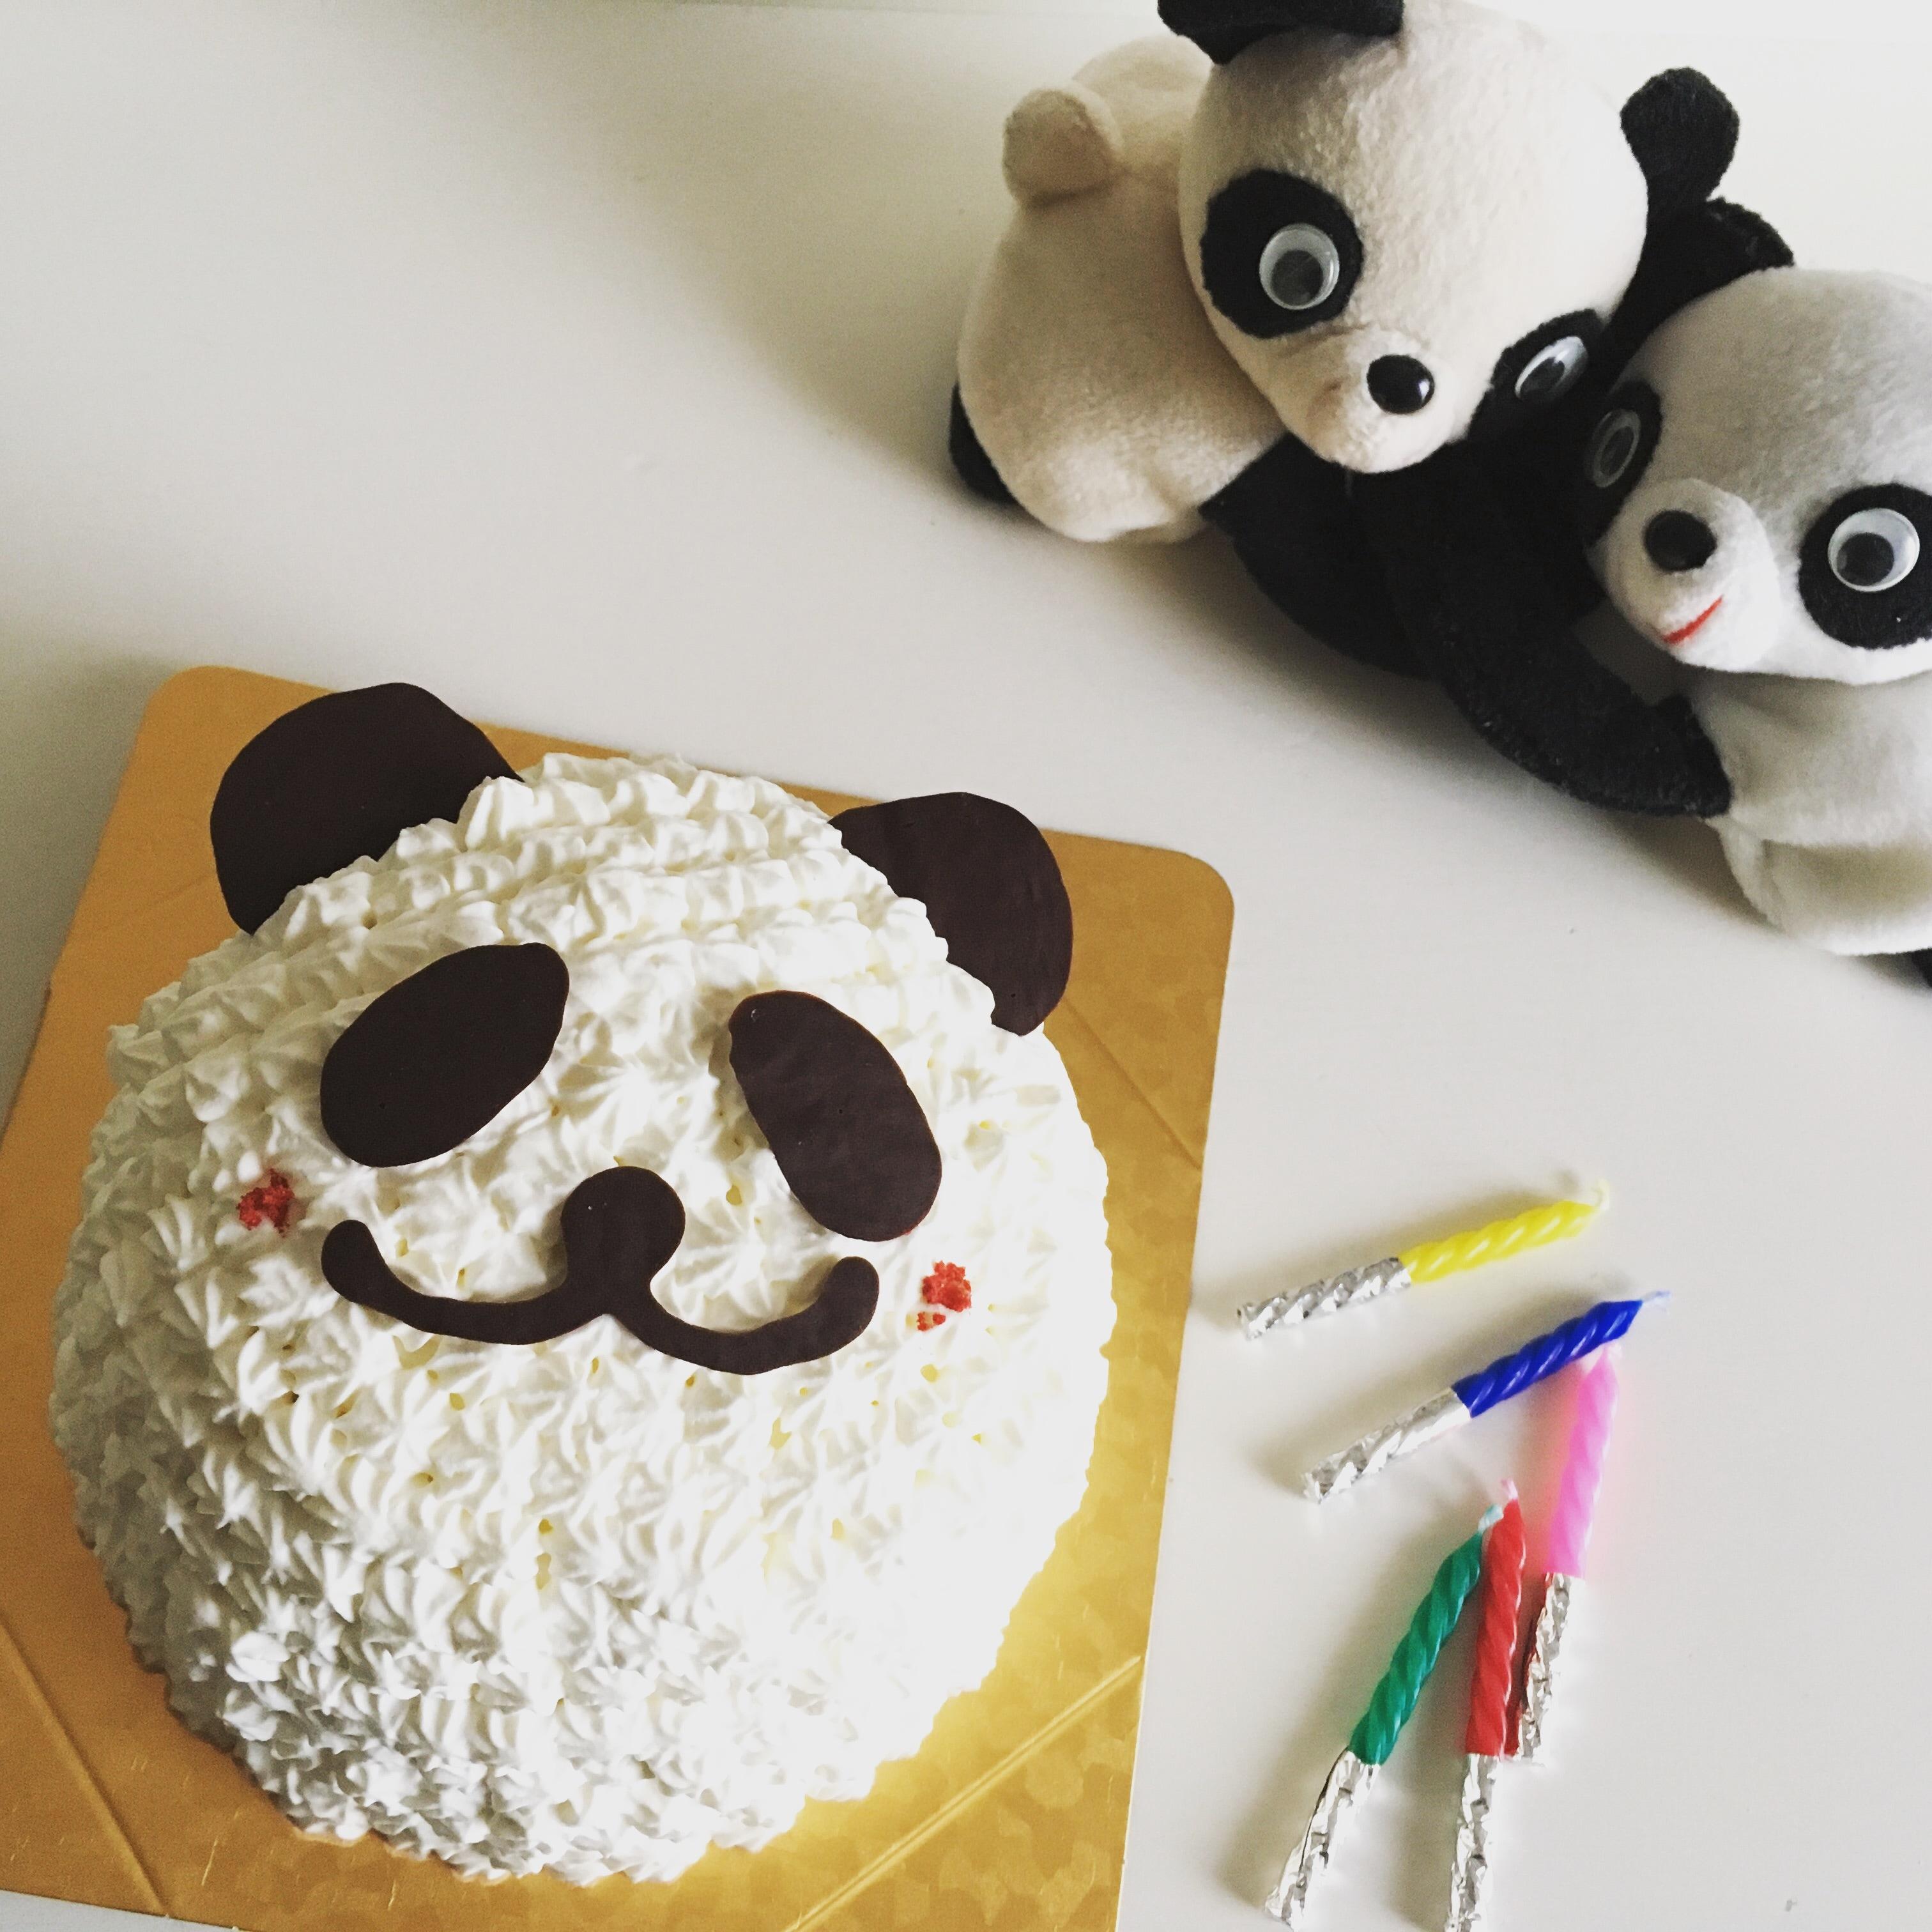 国産米粉のグルテンフリーおやつ通販ままがし アニマルケーキデコレーションケーキ